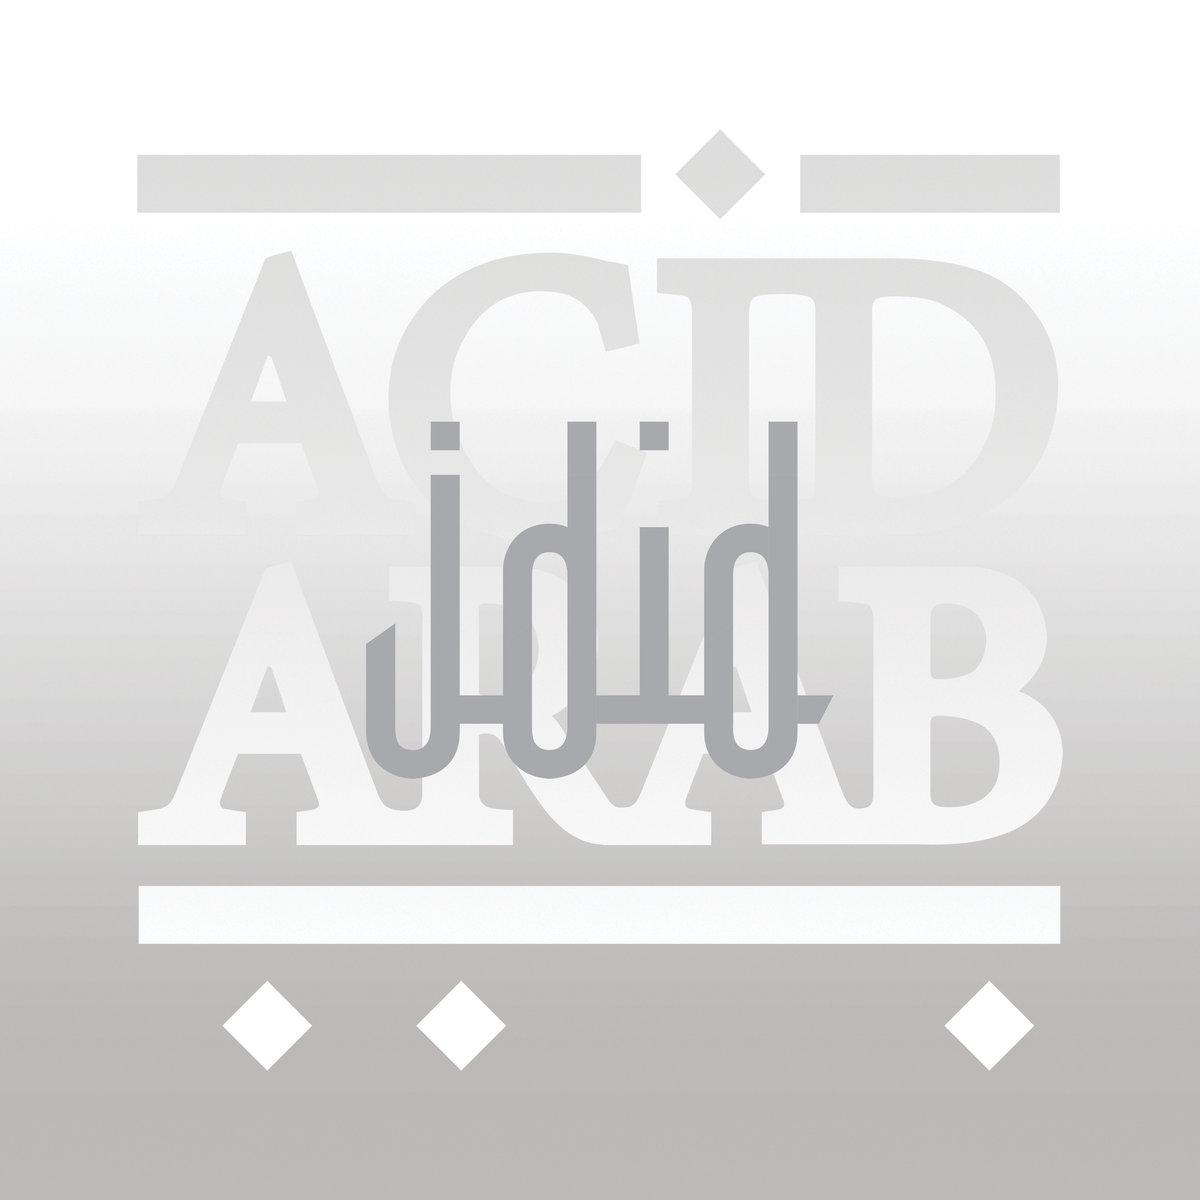 Jdid Acid Arab